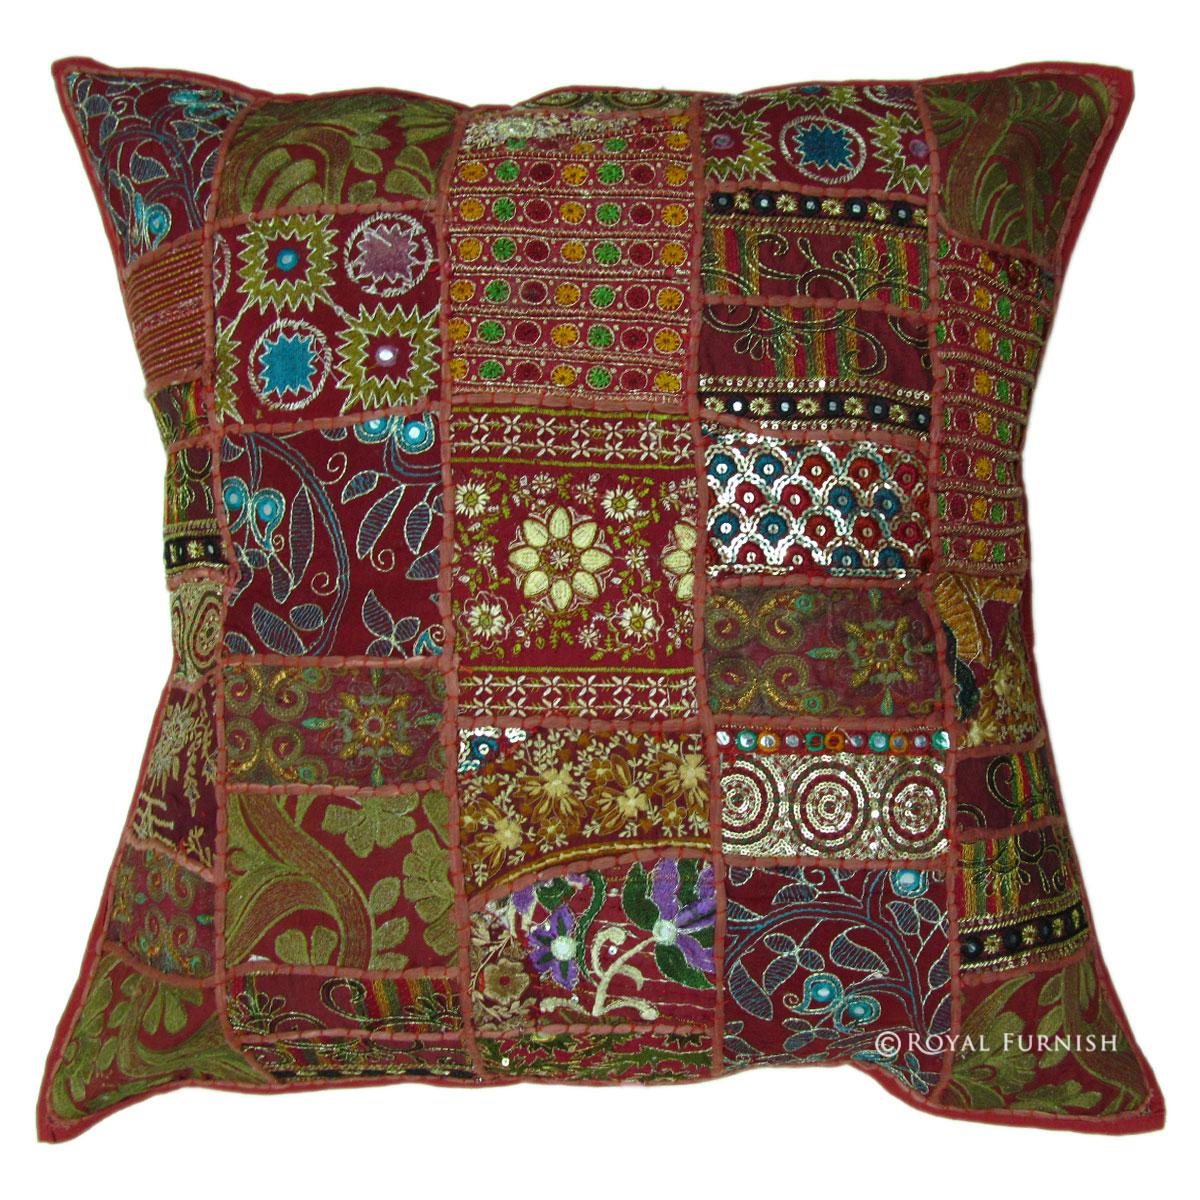 24x24 Inch Large Indian Sari Patchwork Throw Pillow - RoyalFurnish.com